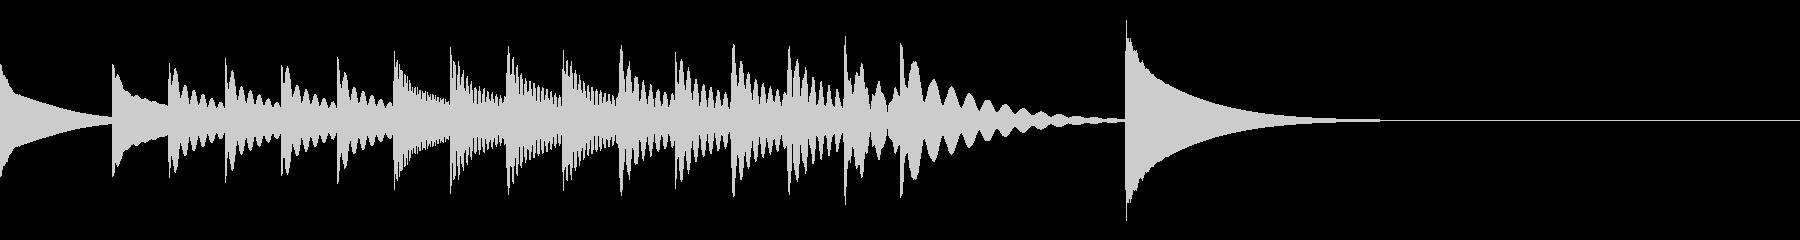 コミカルなクッキング・アニメ木琴ジングルの未再生の波形